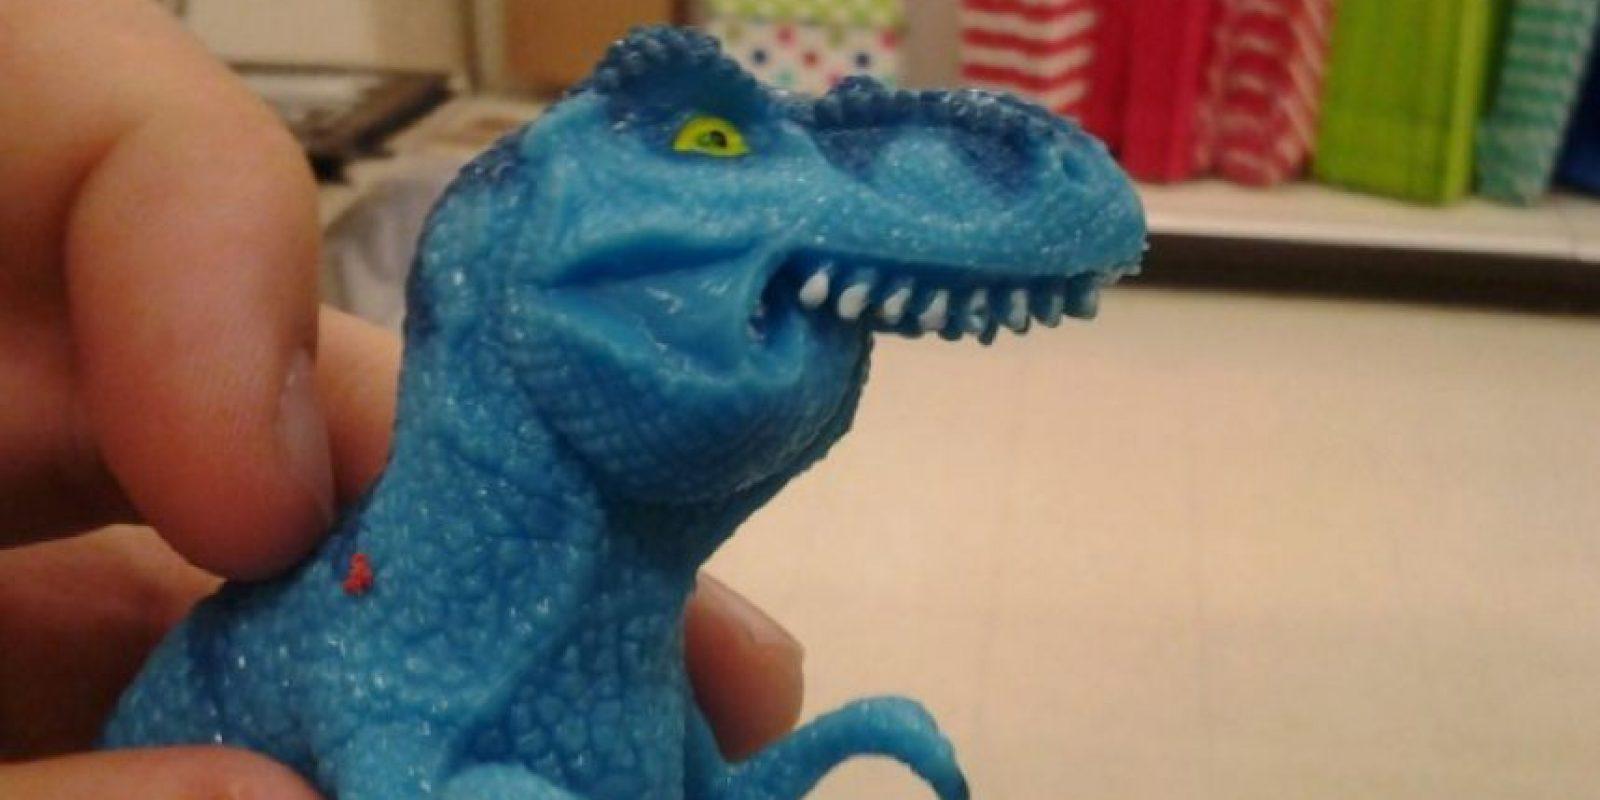 Este pequeño dinosaurio con una evidente disfunción maxilar es ahora el protagonista de los memes que pululan en las redes sociales. Foto:vía Twitter